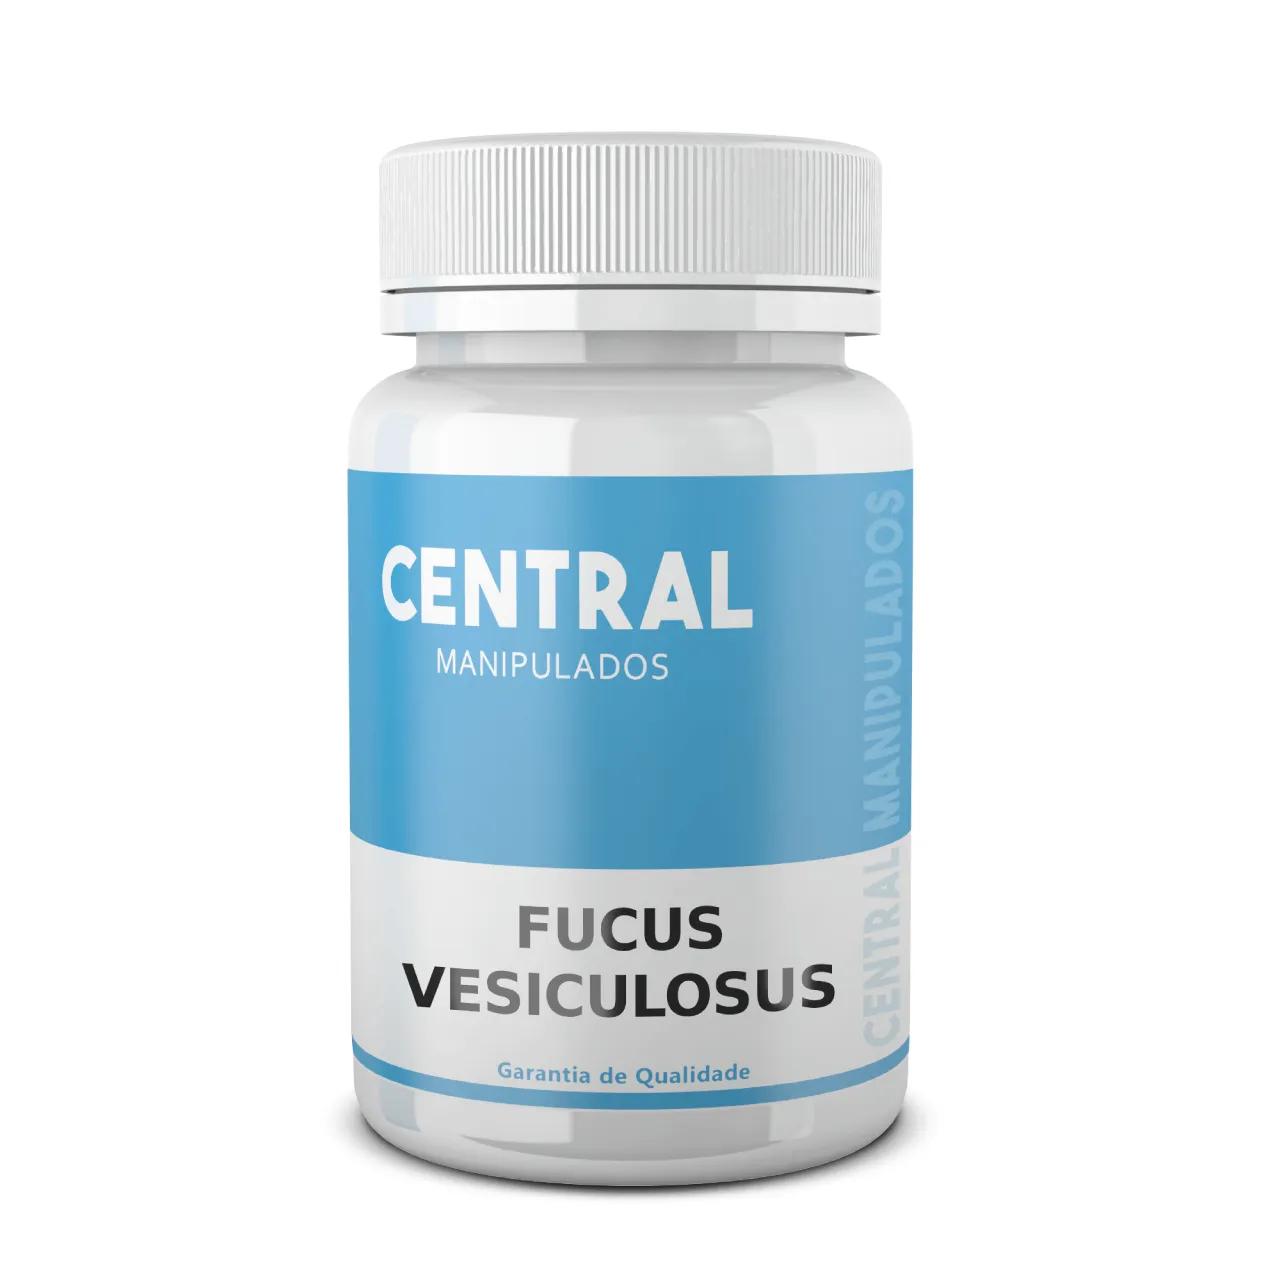 Fucus vesiculosus 500mg - 30 cápsulas - Emagrecedor, Gordura localizada, Problemas digestivos